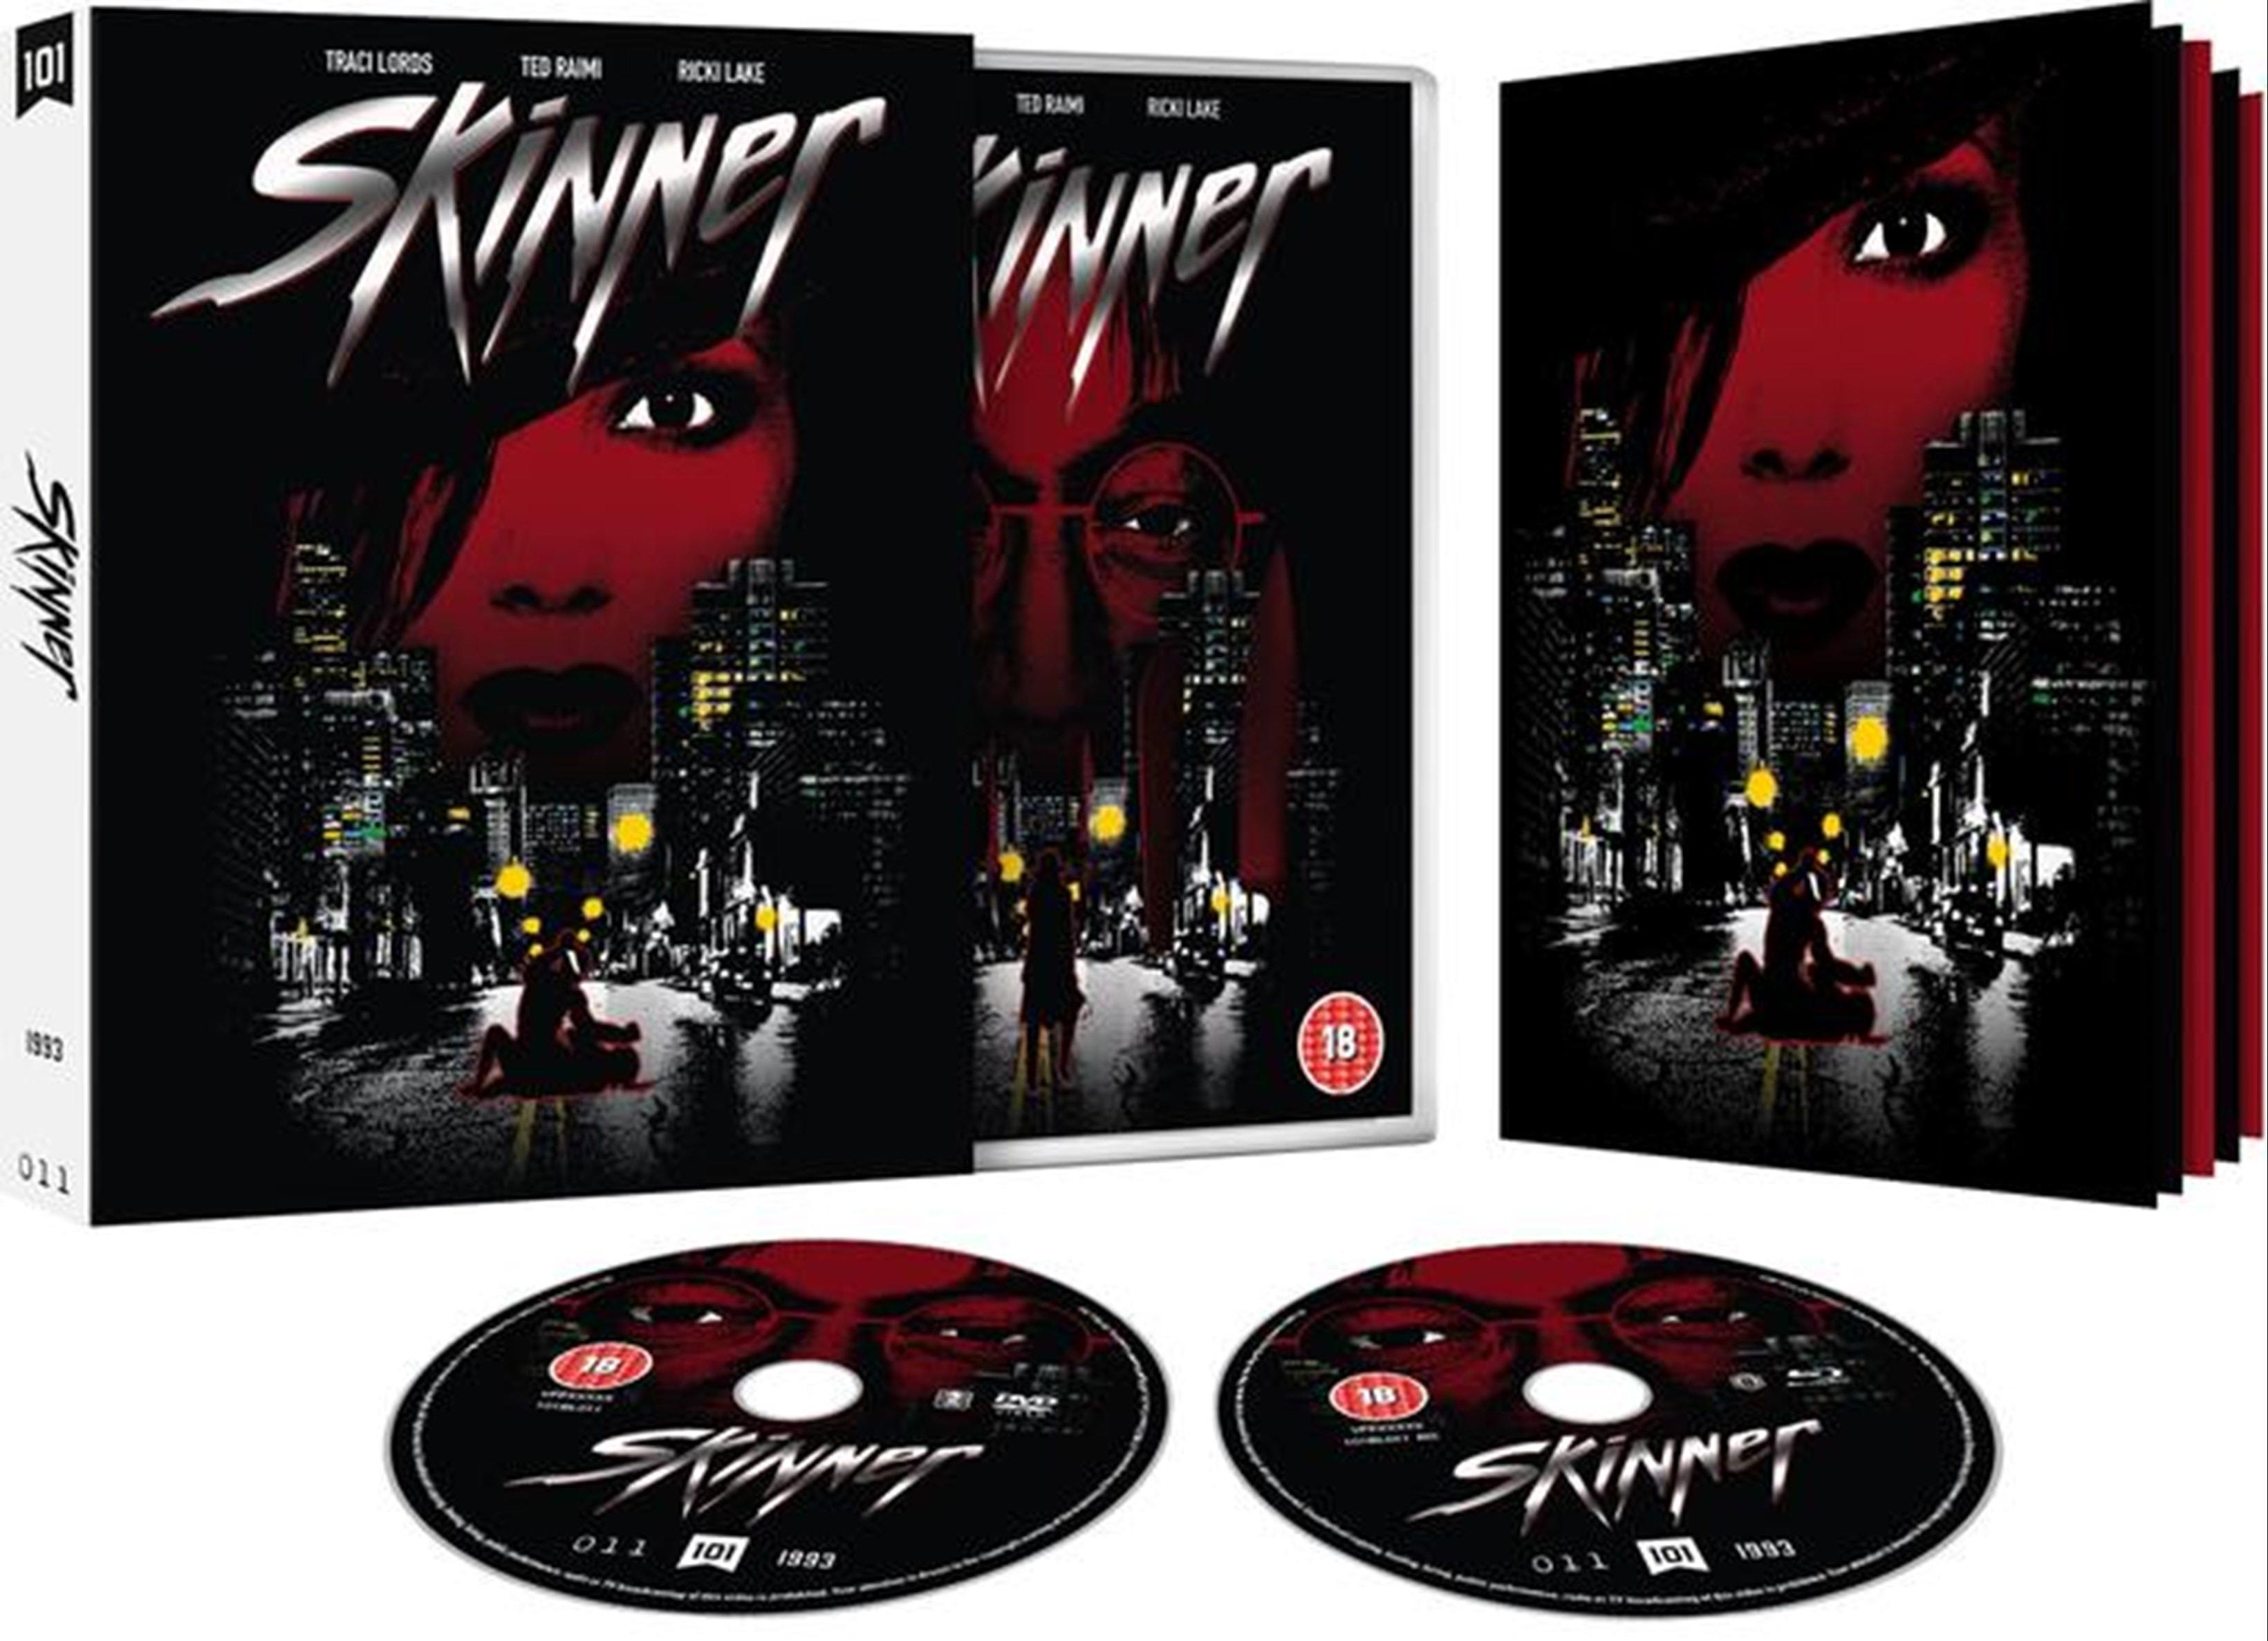 Skinner - 1